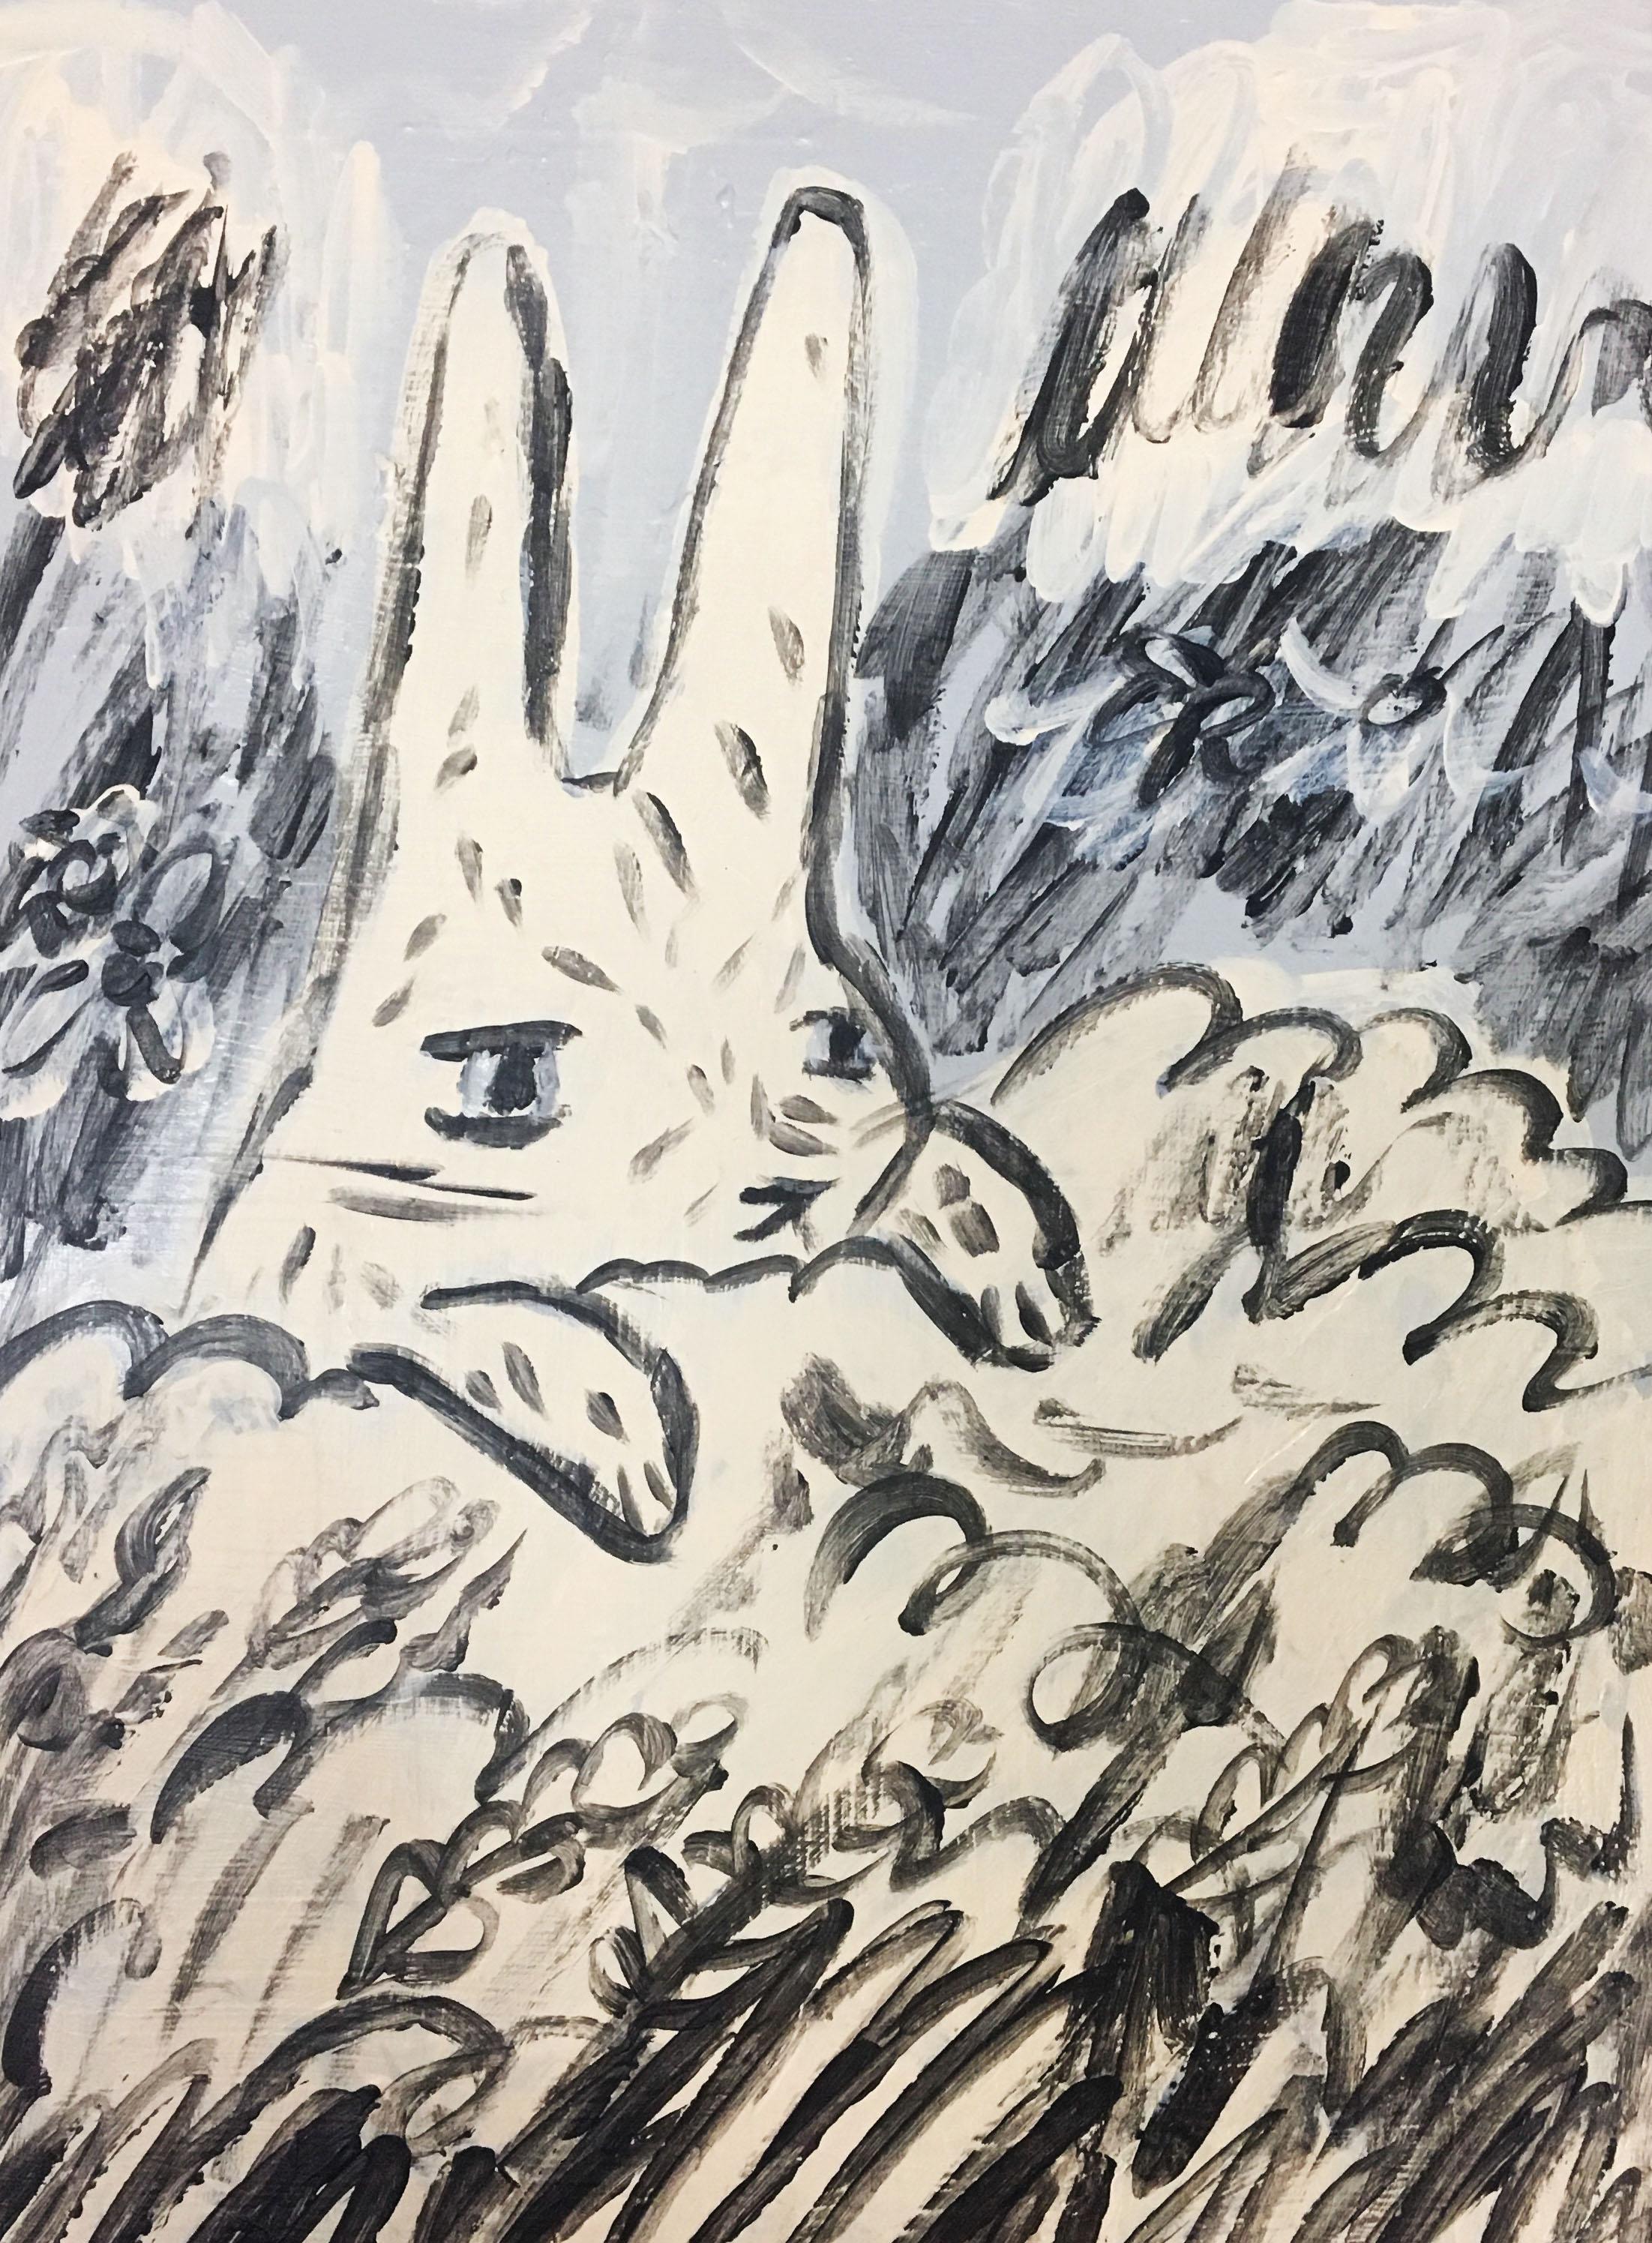 Garden Bunny Acrylic Painting on Wood Panel  $400